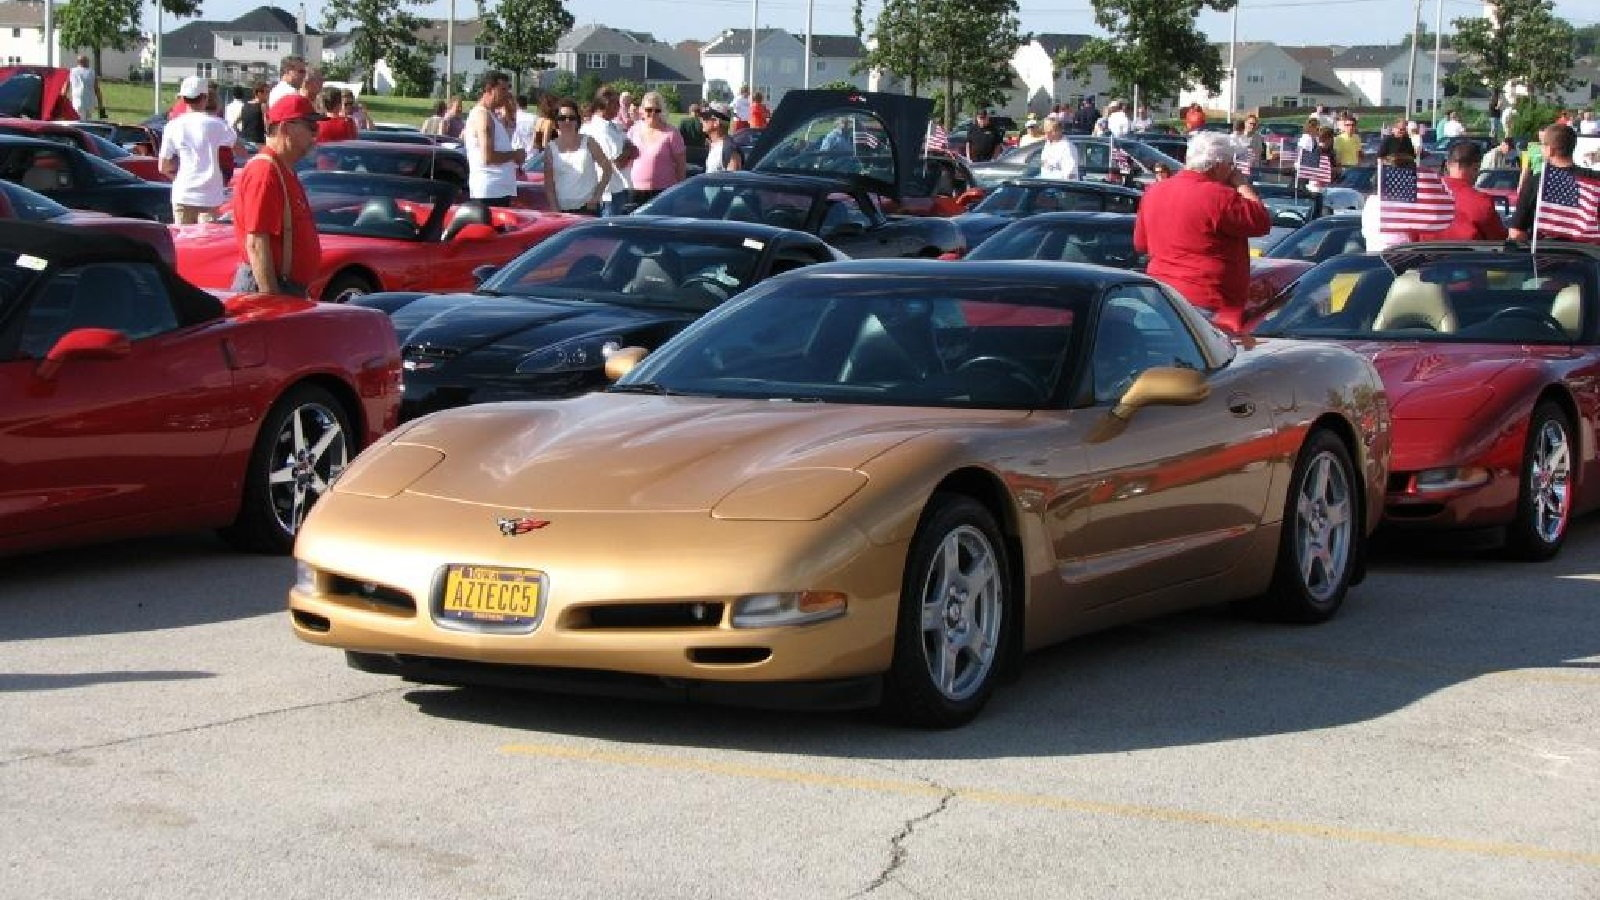 Rare and obscure C5 Corvette